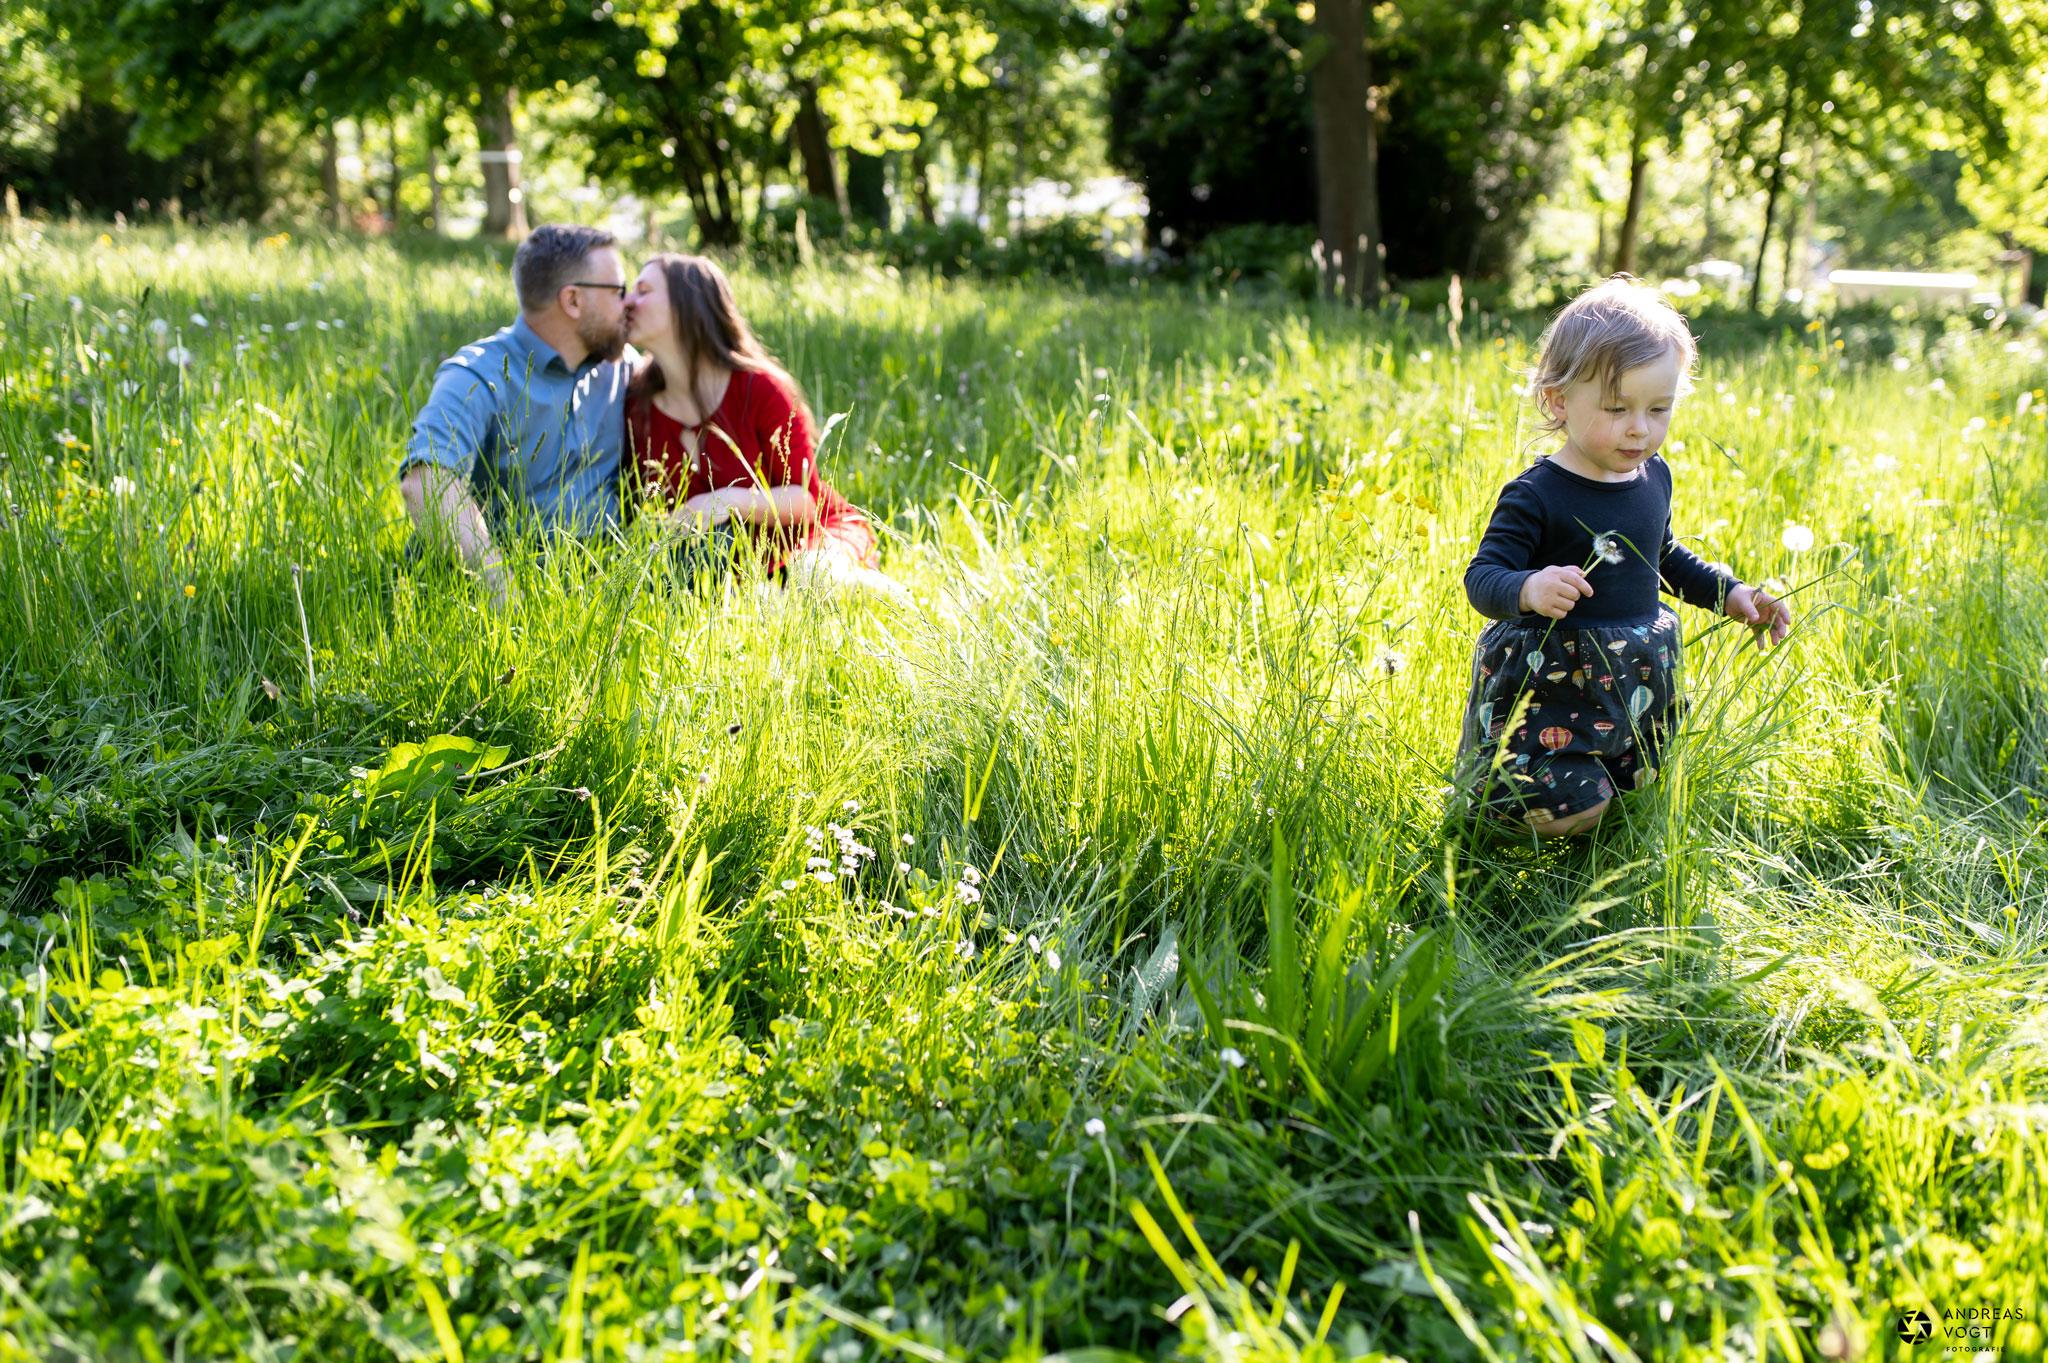 familienfotos-in-aalen-blumenwiese-andreas-vogt-fotograf-aalen-01